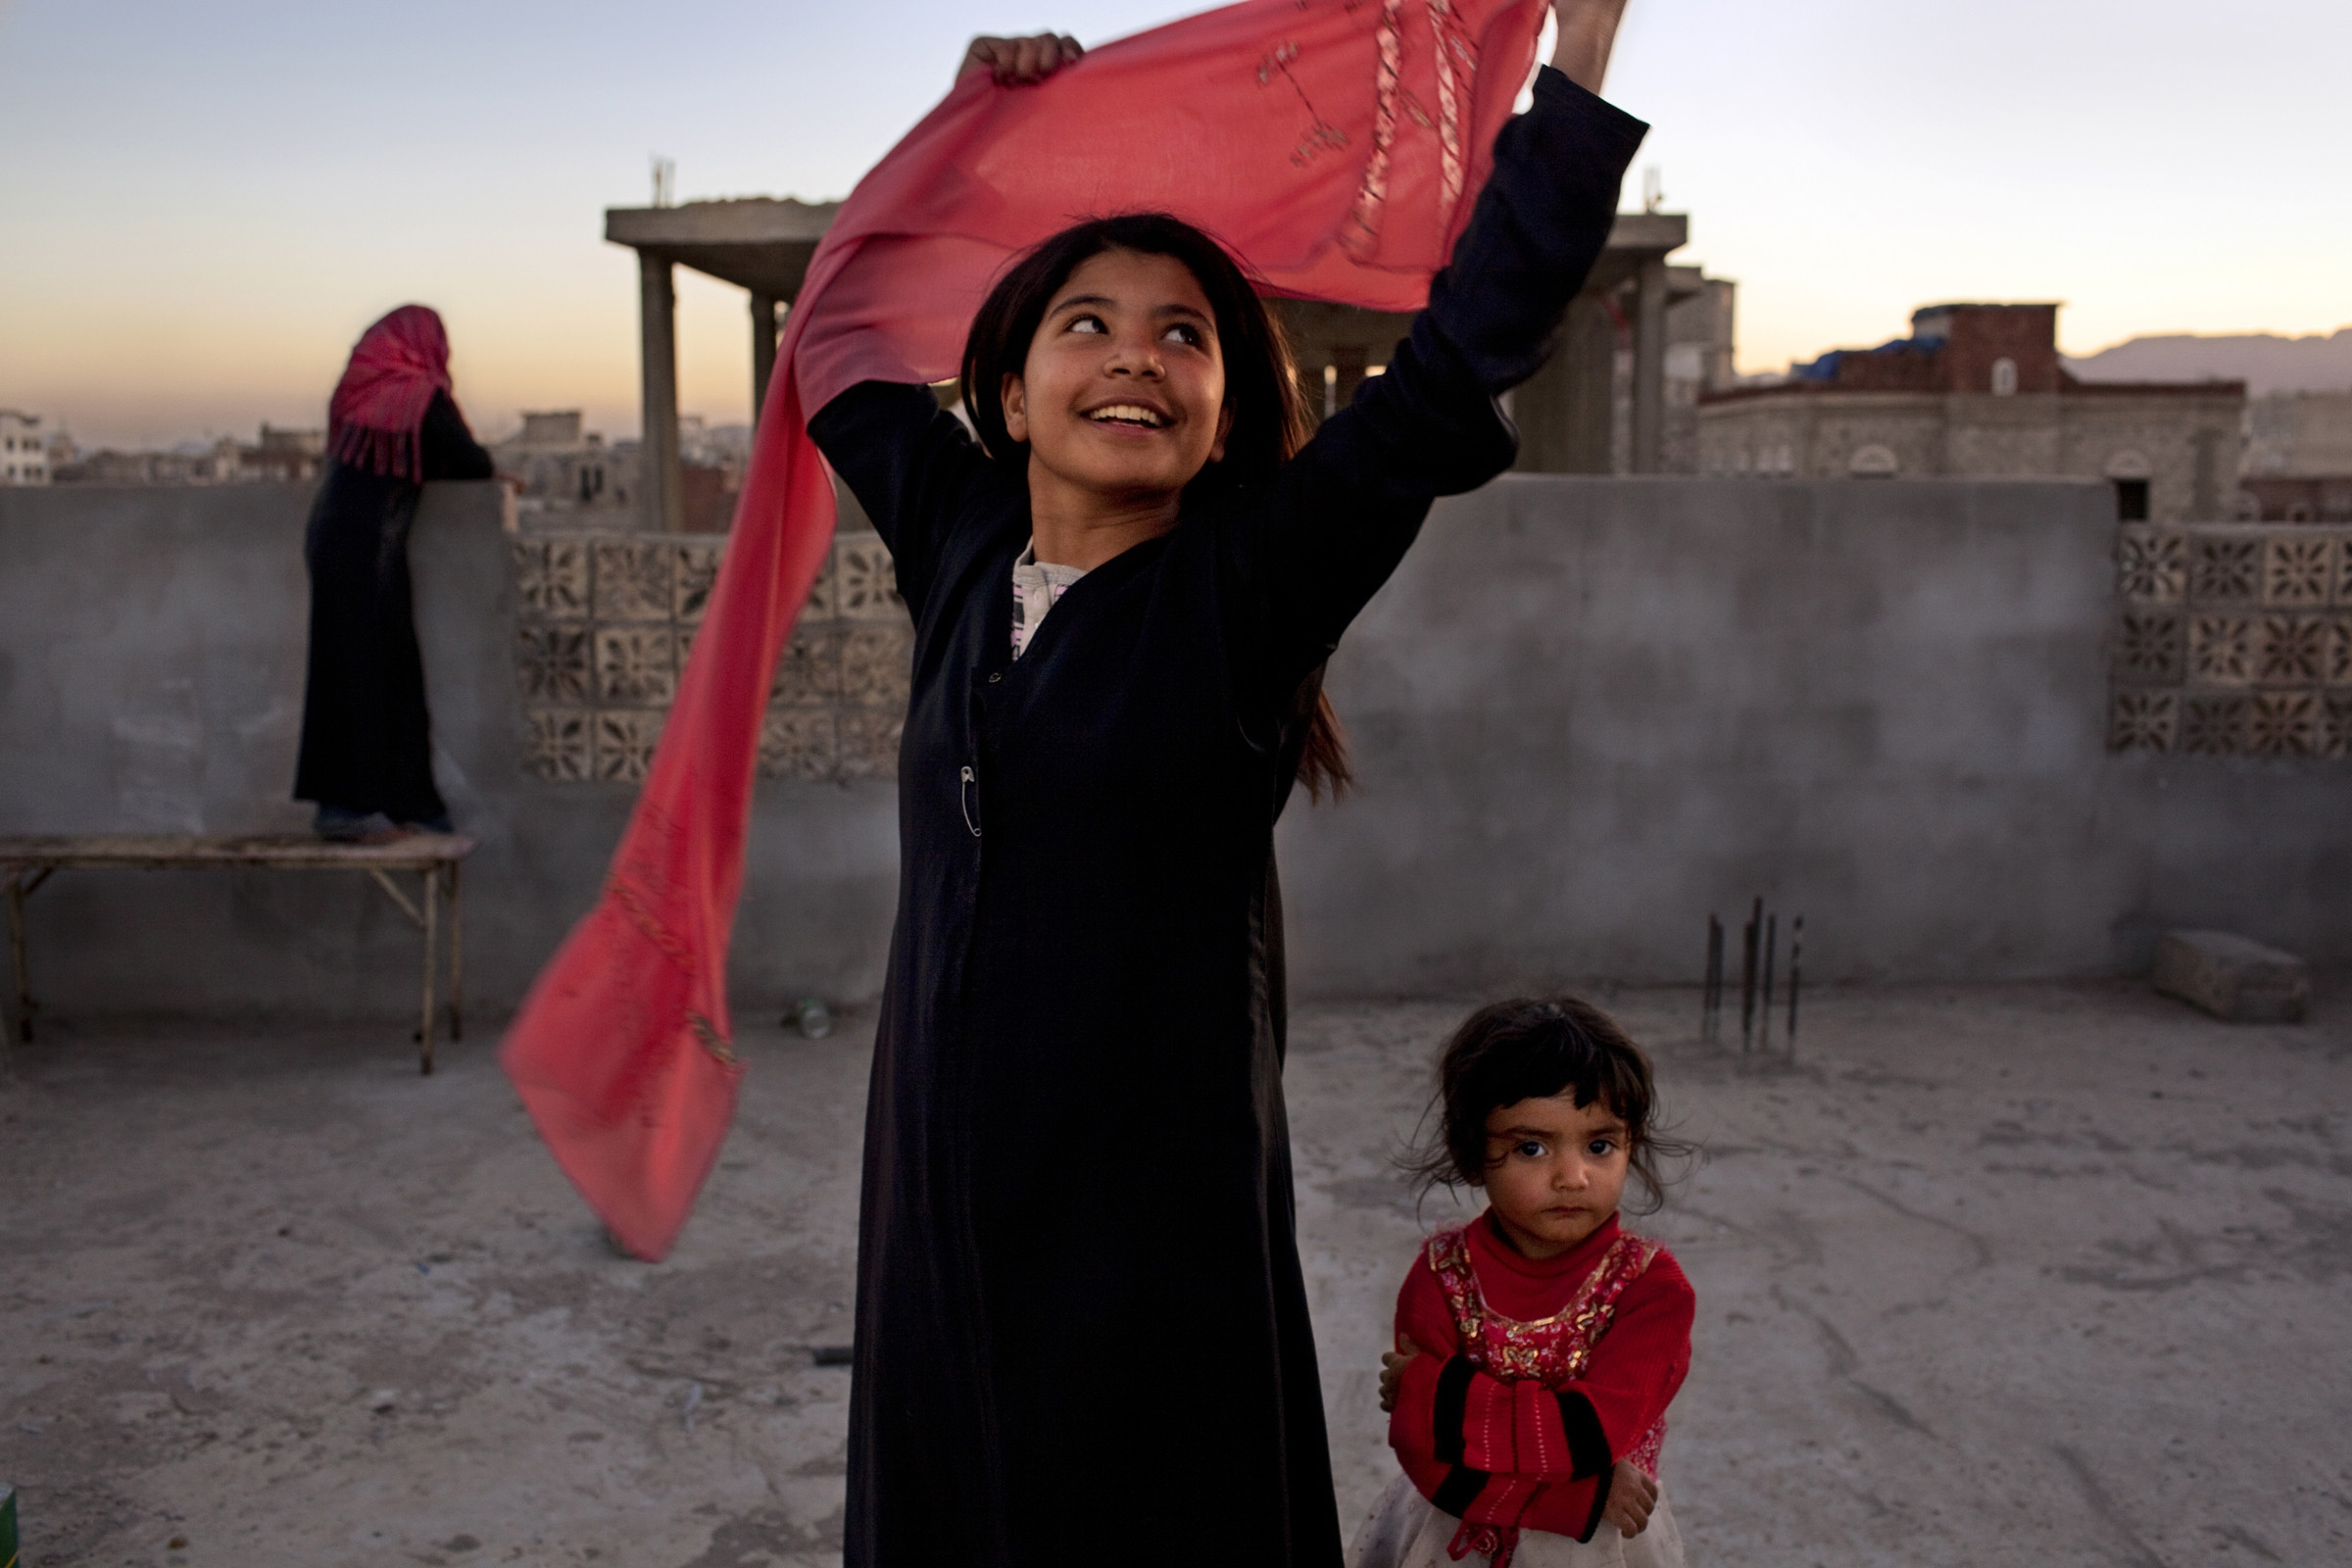 """ujood Ali surpreendeu o mundo em 2008 ao se divorciar com dez anos no Iêmen, dando um grande passo contra casamentos forçados. Foto de Stephanie Sinclair, cortesia da National Geographic """"Mulheres de Visão"""""""